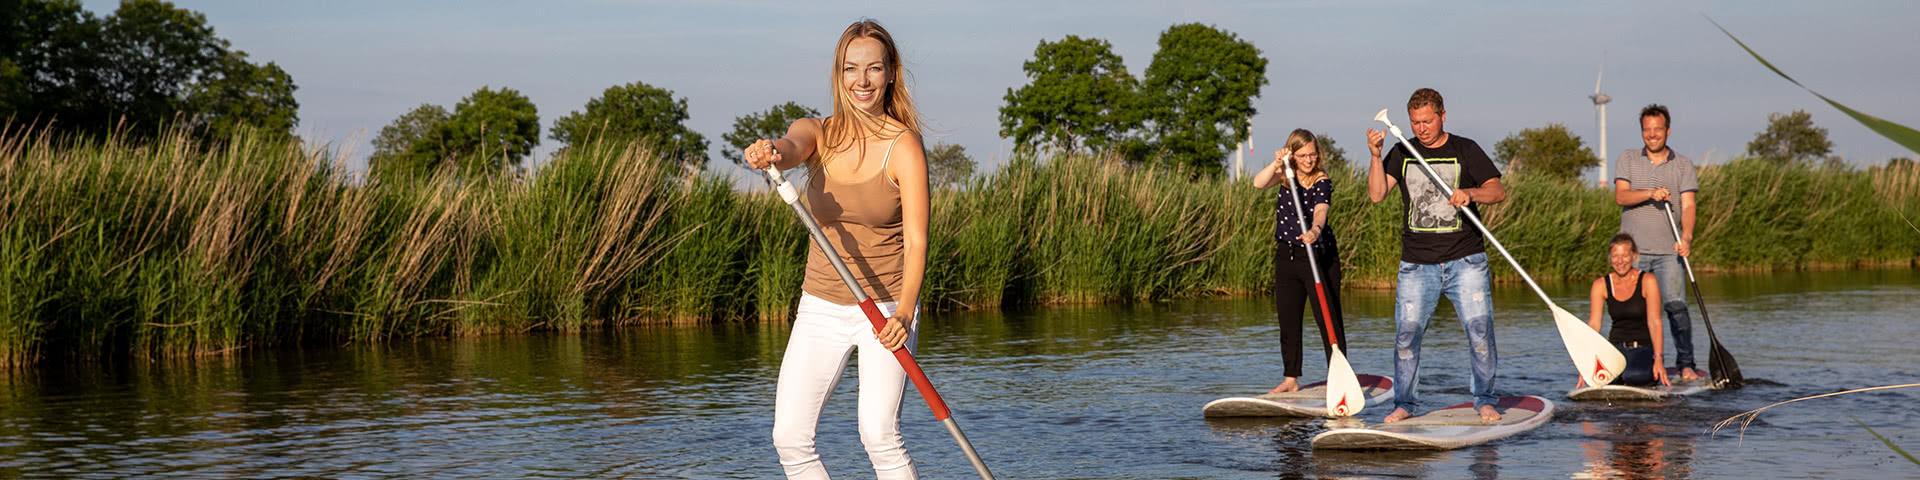 Spaß beim stand-up-paddeln in Neuharlingersiel